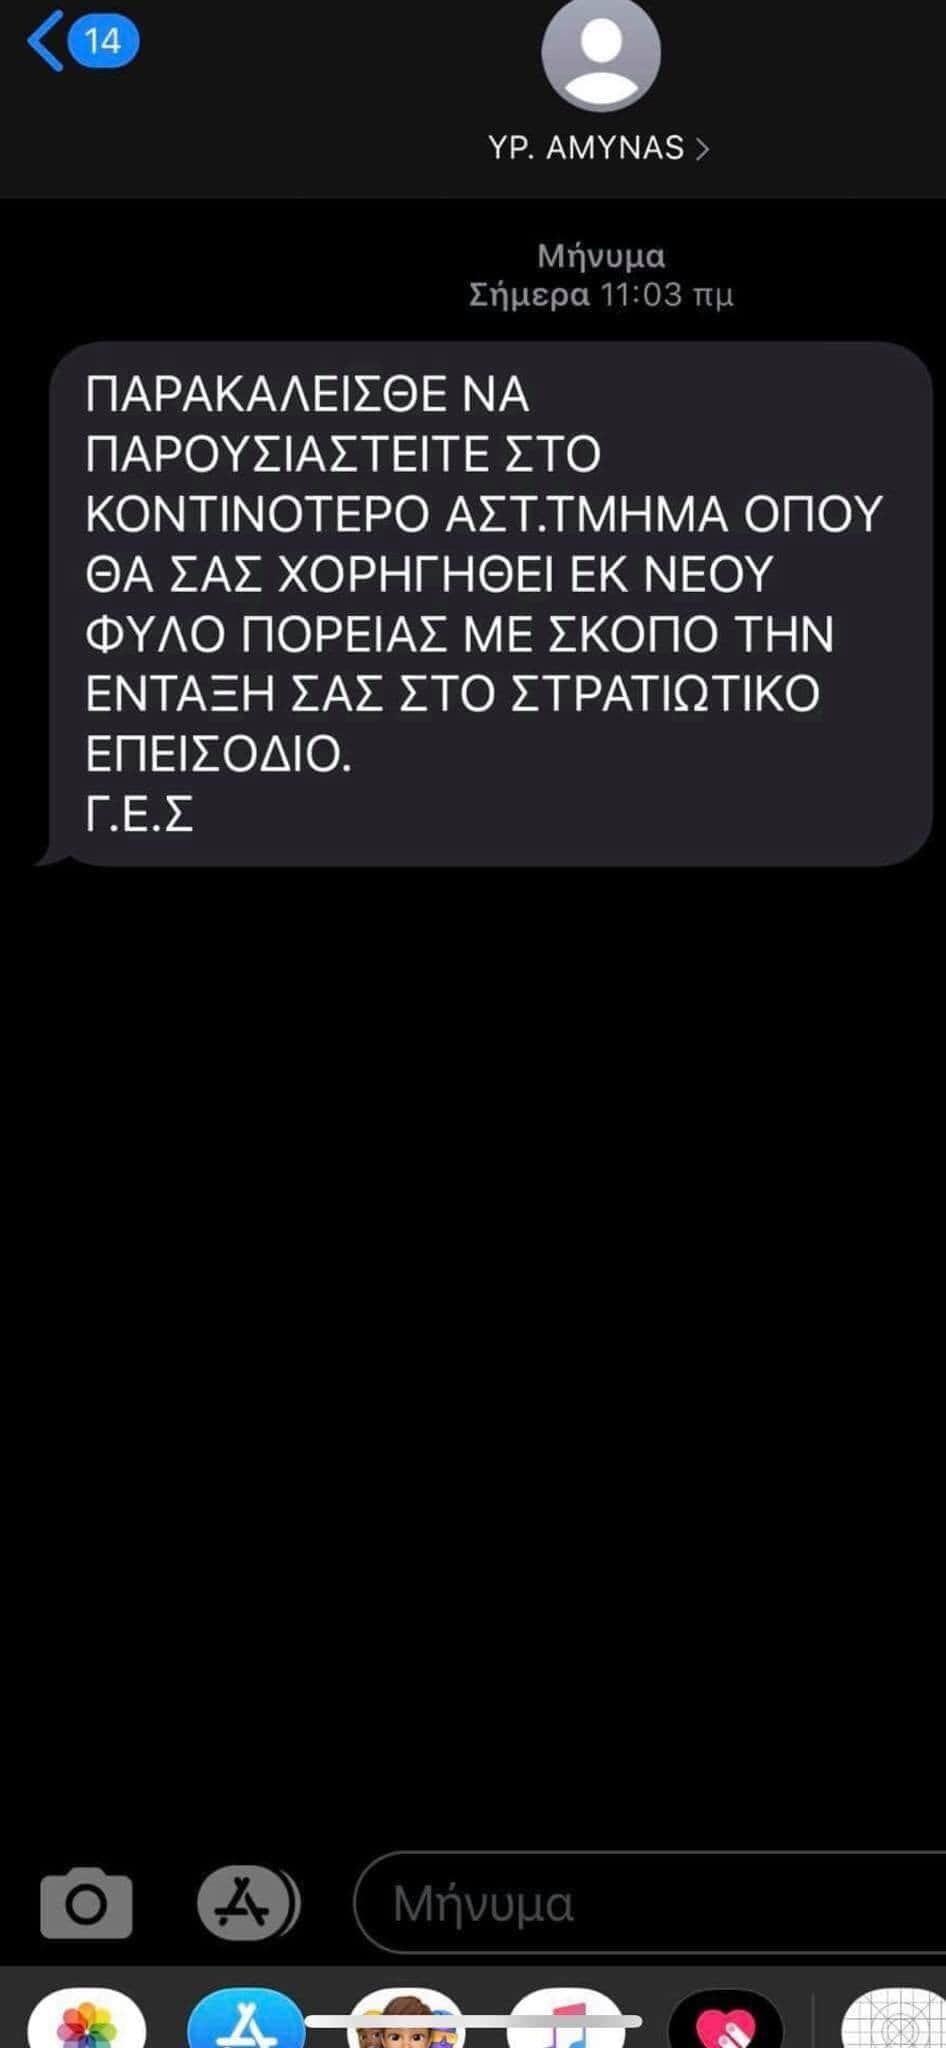 el-as-prosochi-sto-kakovoylo-sms-poy-kalei-se-epistrateysi1